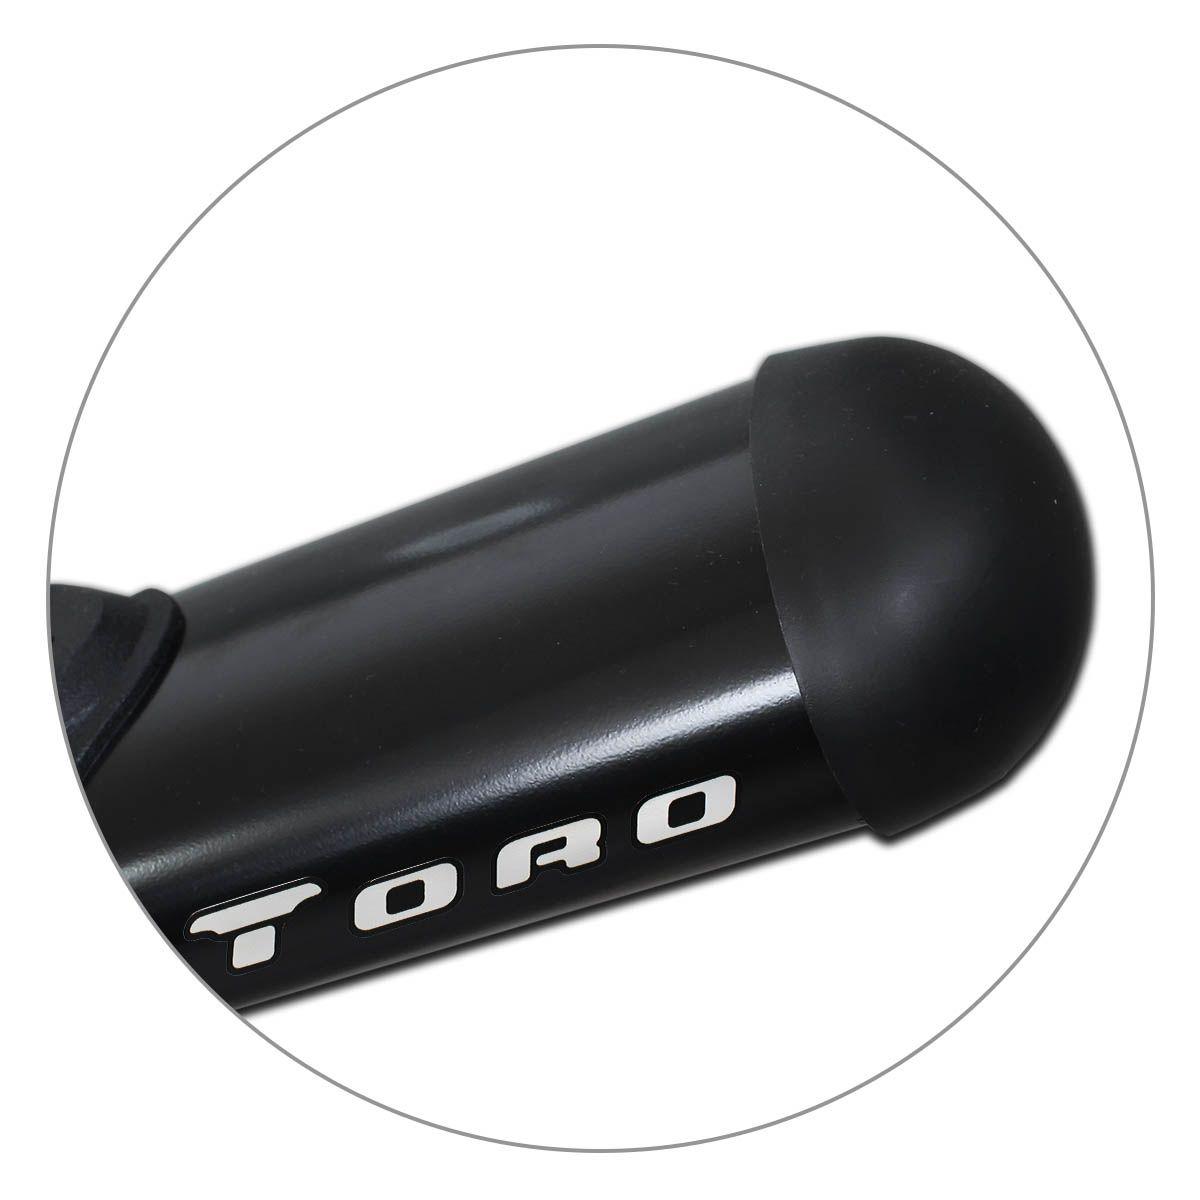 Estribo Lateral Fiat Toro 2016 a 2021 Oblongo Oval Preto